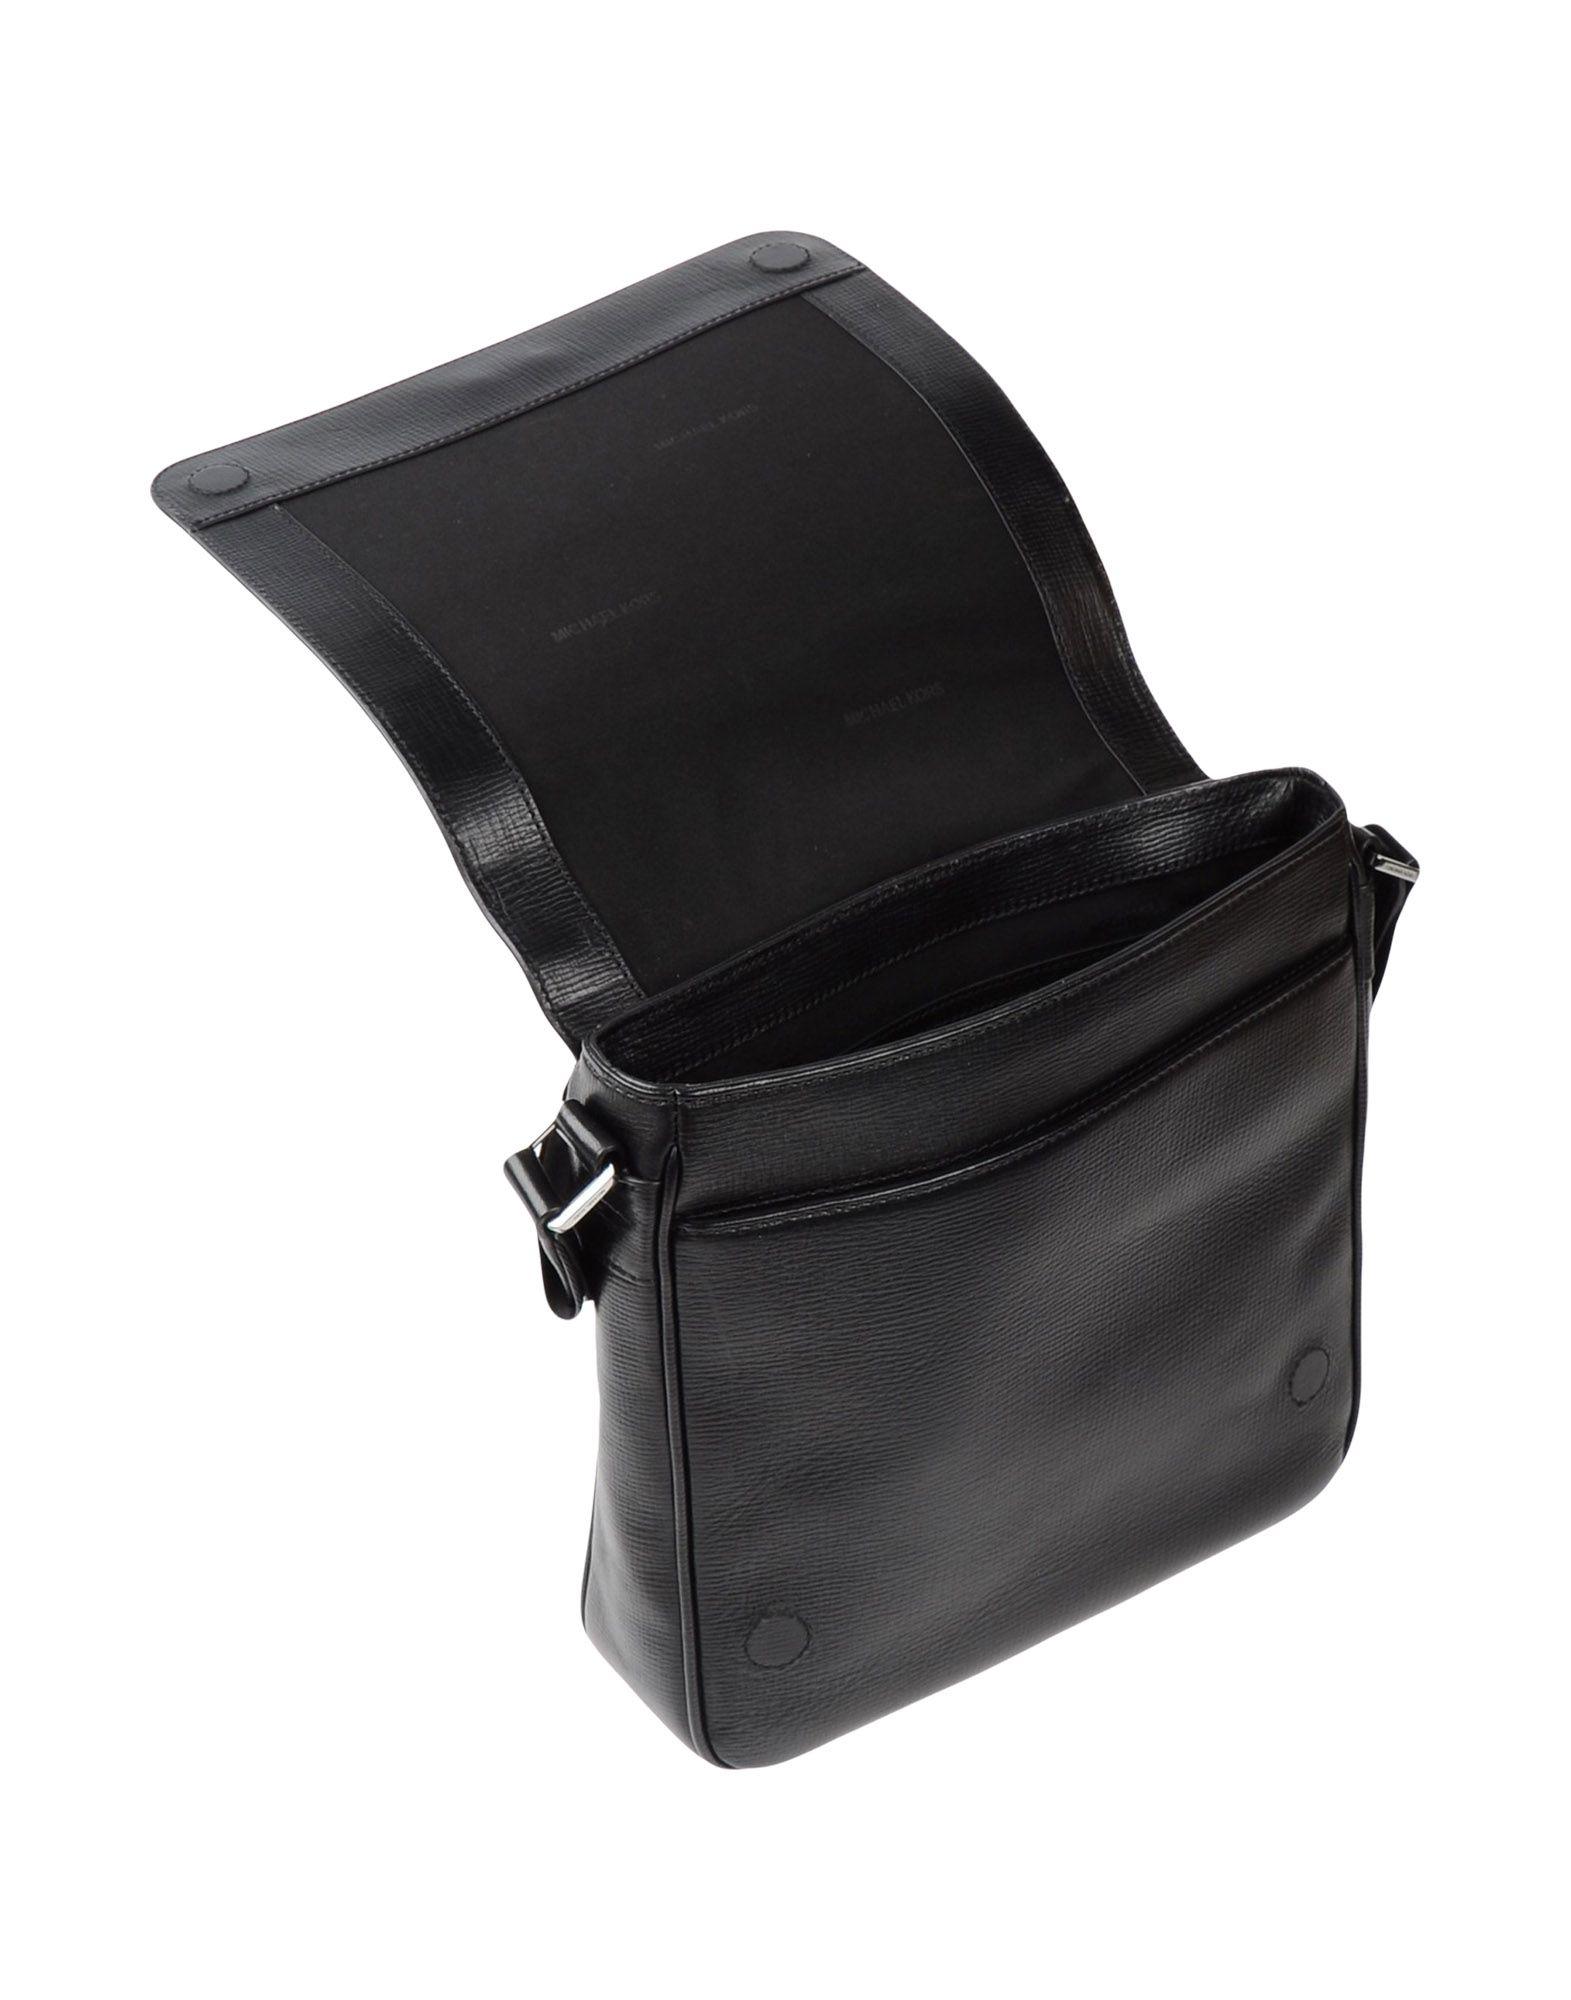 Michael Kors Cross-body Bag in Black for Men